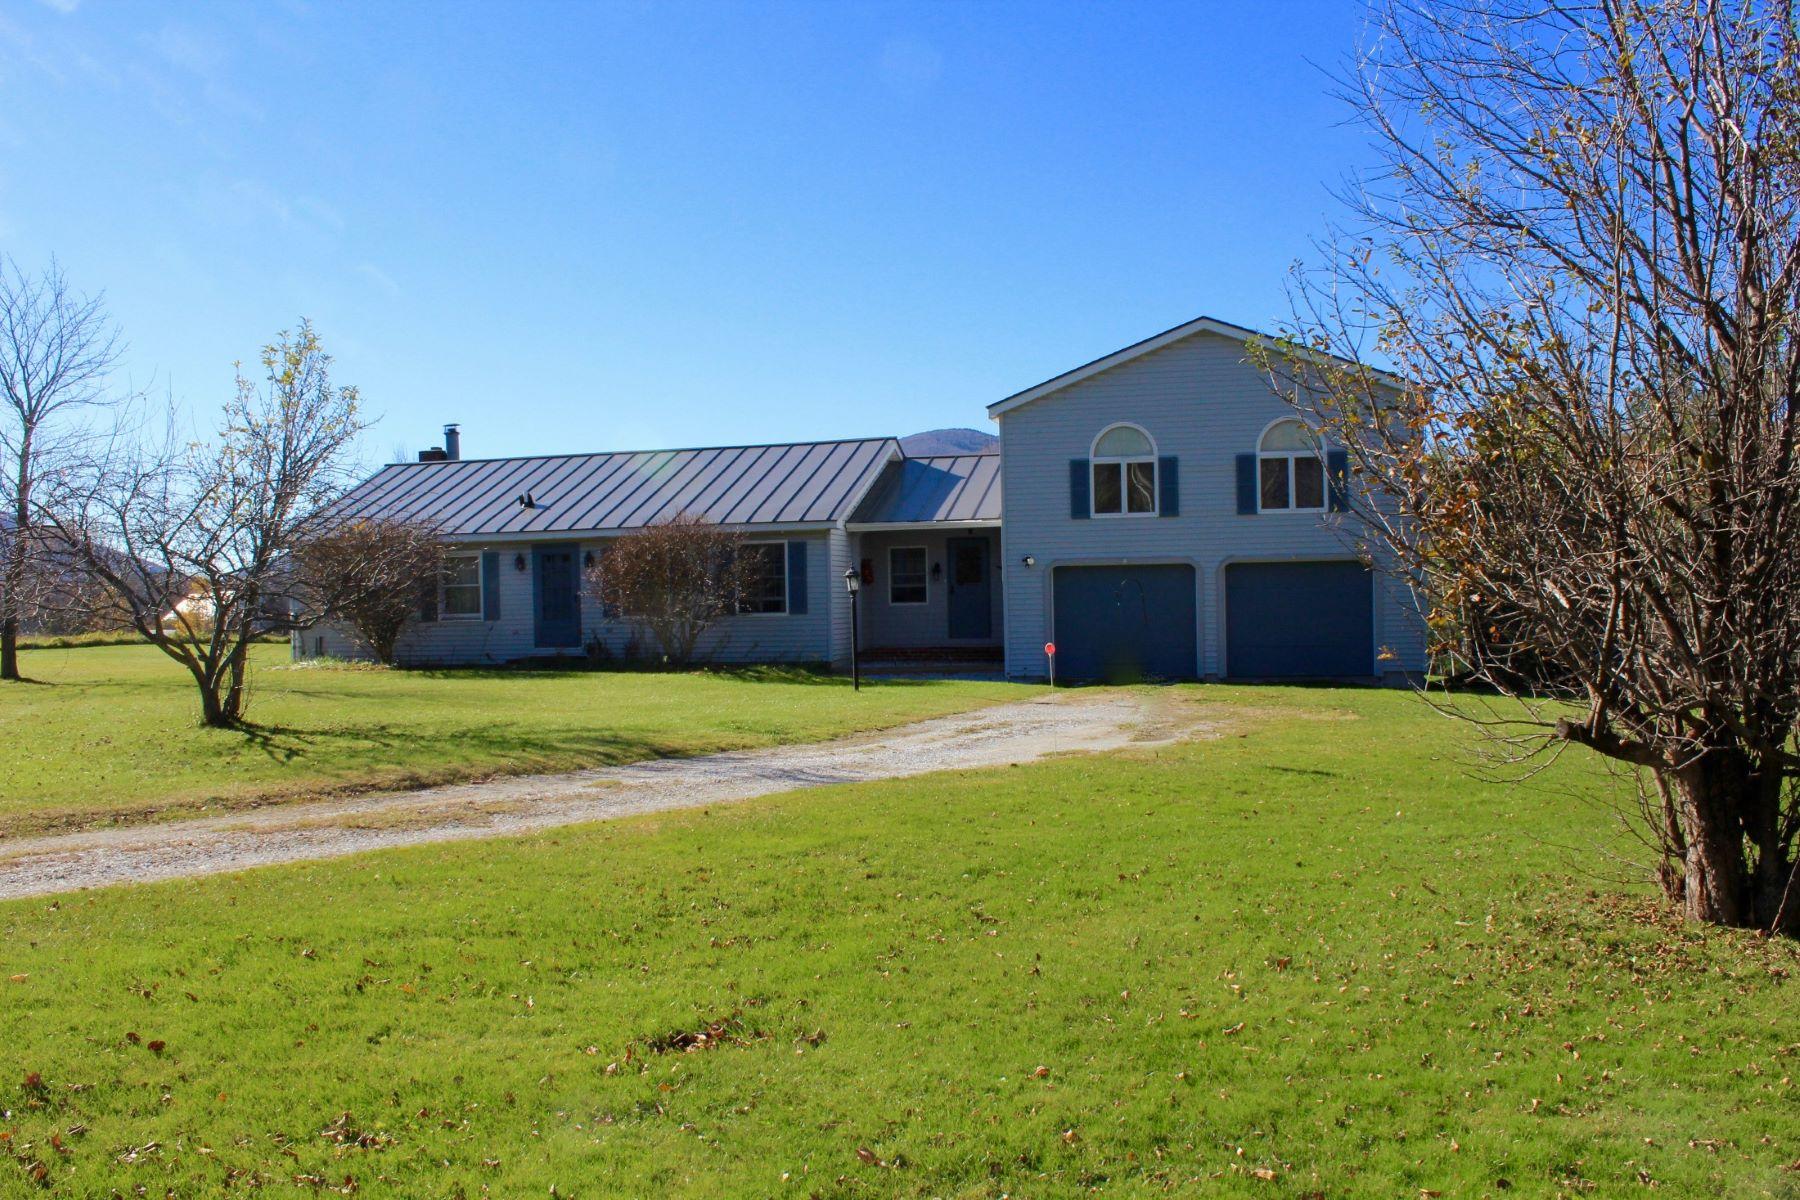 Casa Unifamiliar por un Venta en 153 Tinmouth, Danby Danby, Vermont 05739 Estados Unidos